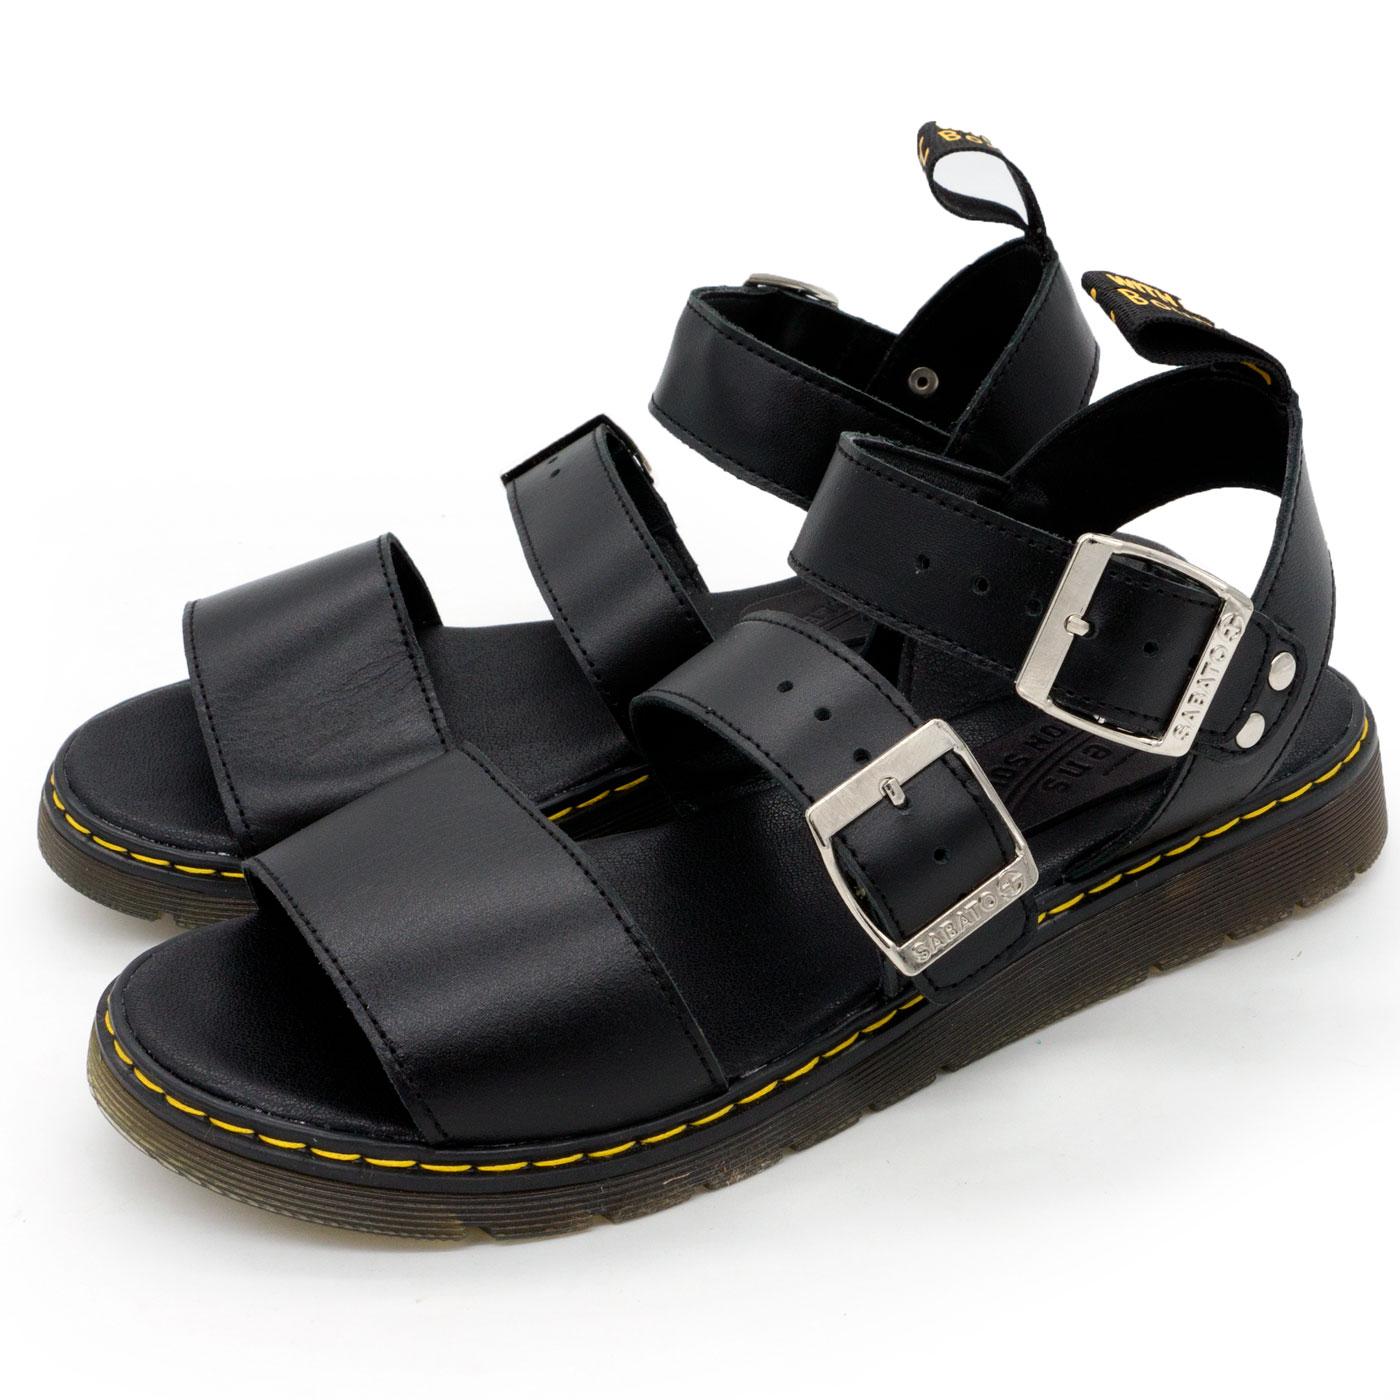 фото main Черные женские сандали Dr. Martens, натуральная кожа  main